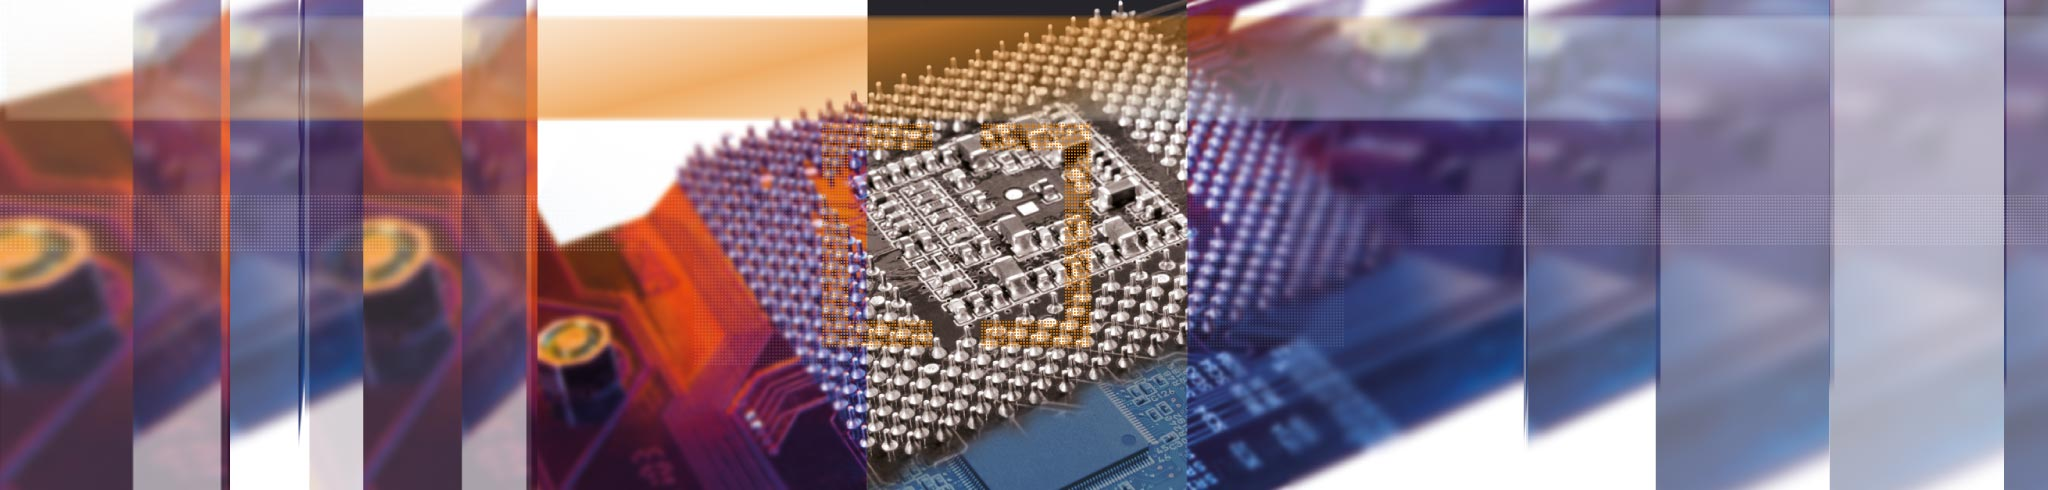 brevet pour l'électronique et la microtechnique